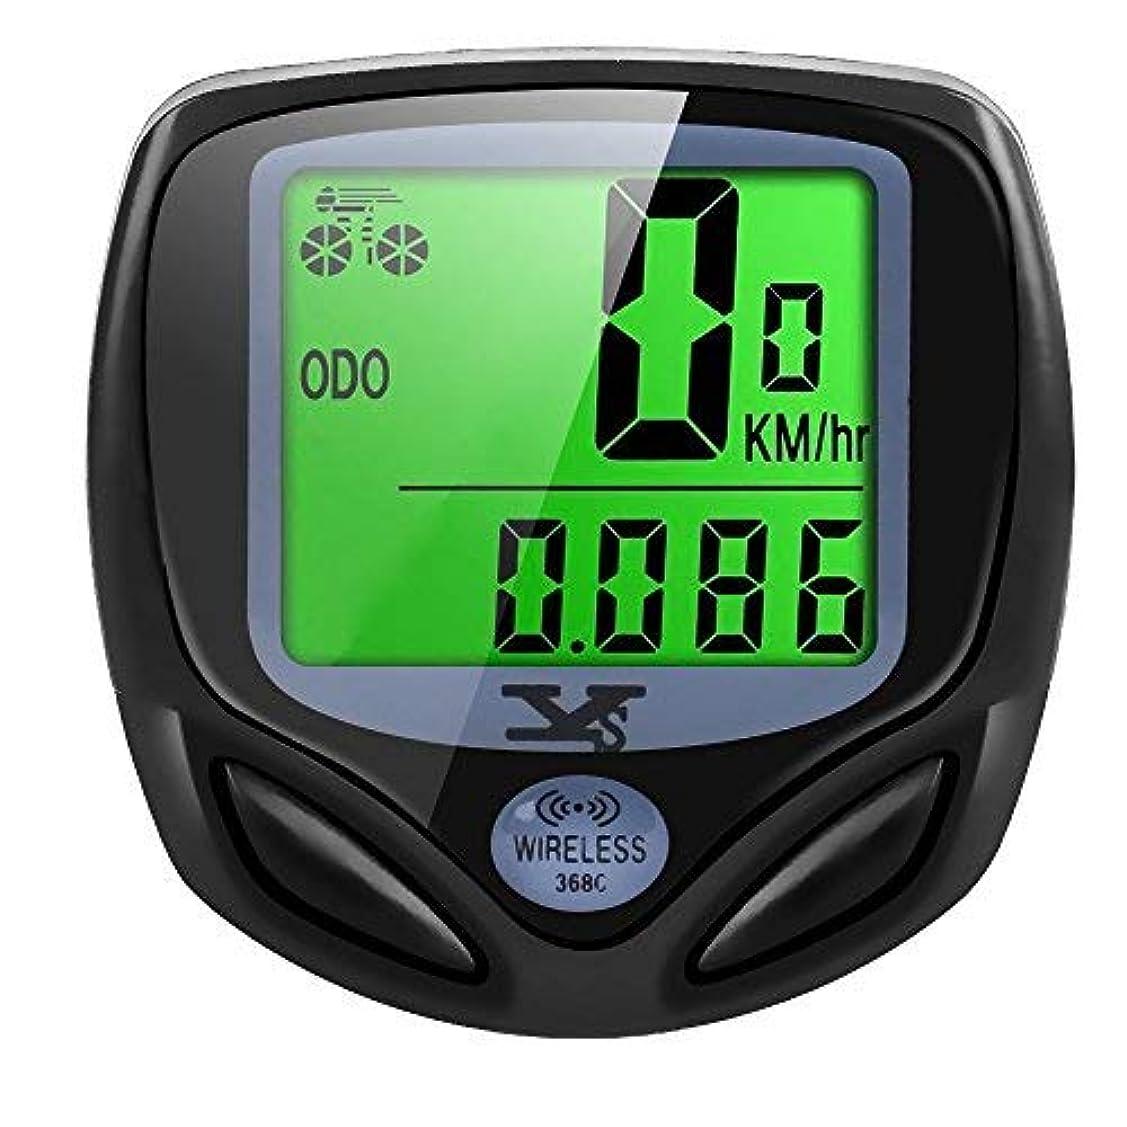 配分アラーム確認してください自転車速度計とワイヤレス防水サイクルバイクコンピュータ走行距離計LCDディスプレイ& multi-functions by YS